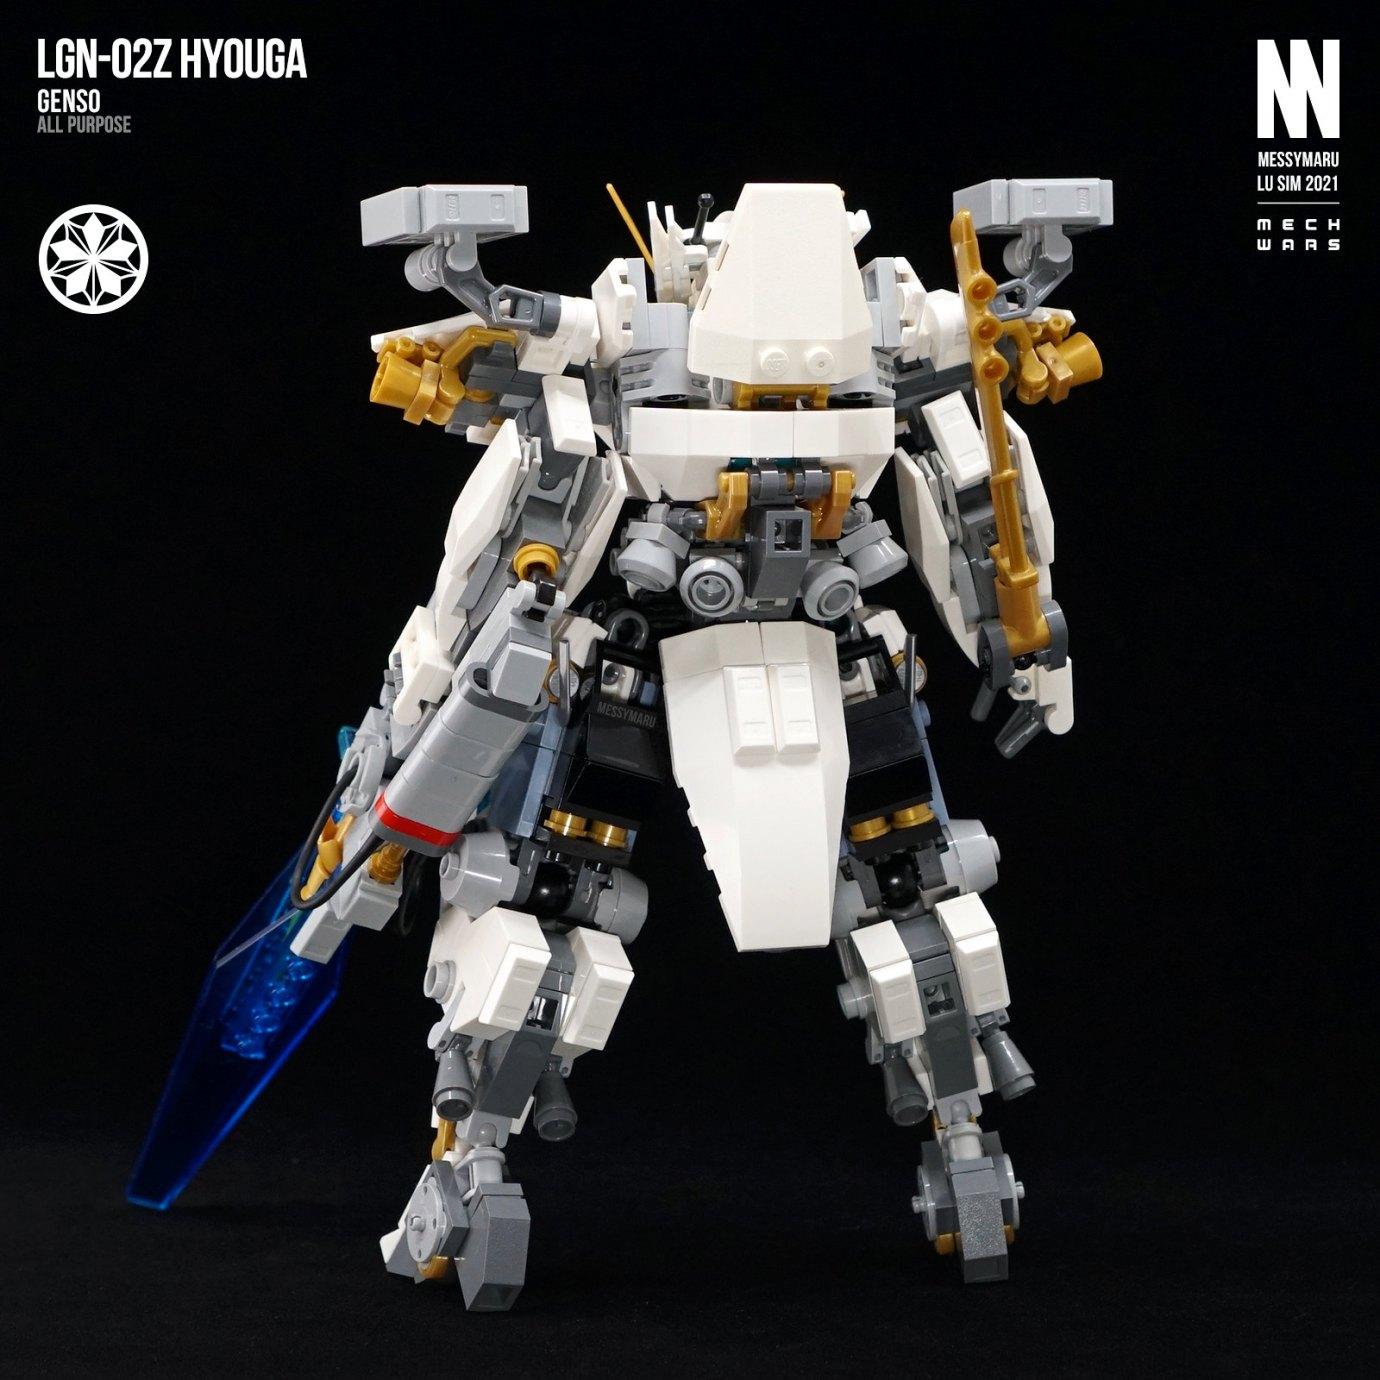 LGN-02Z Hyouga